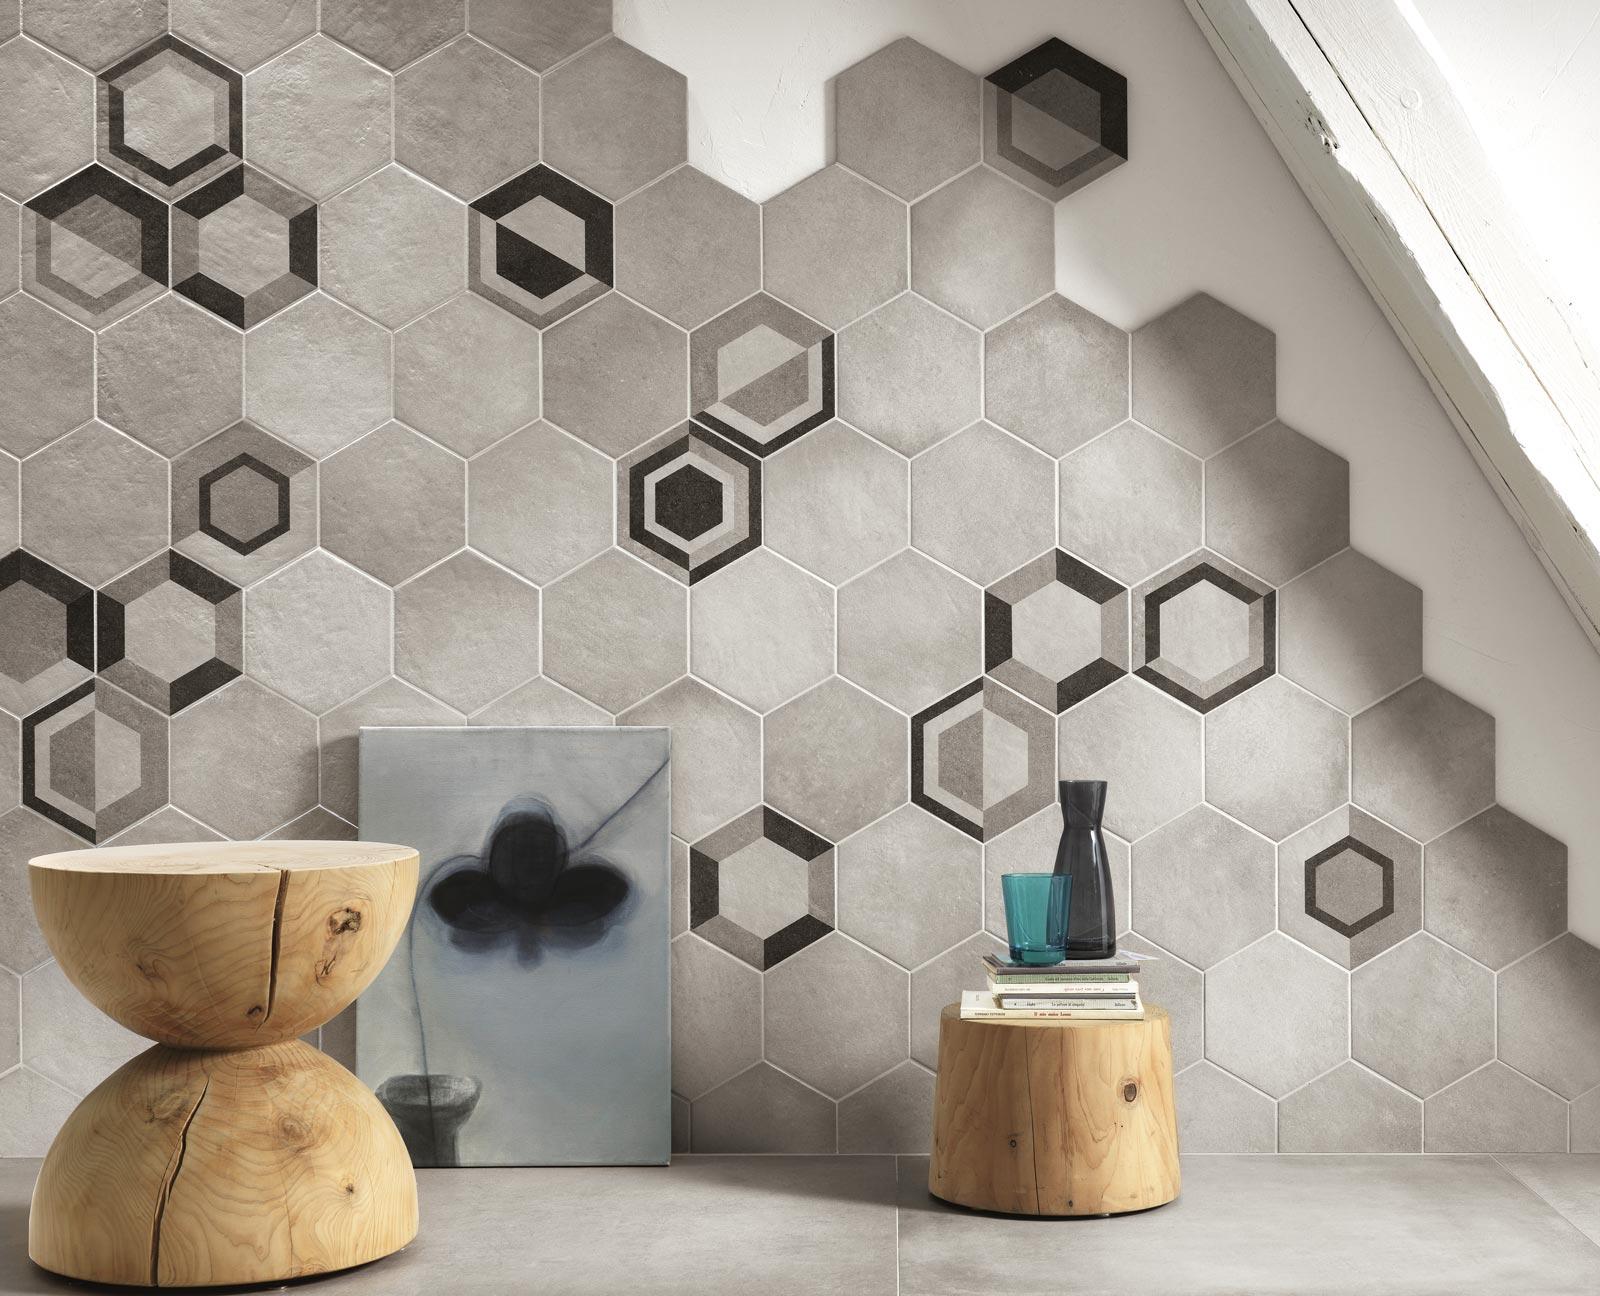 Piastrelle esagonali per decorare casa ragno for Piastrelle bianche lucide pavimento